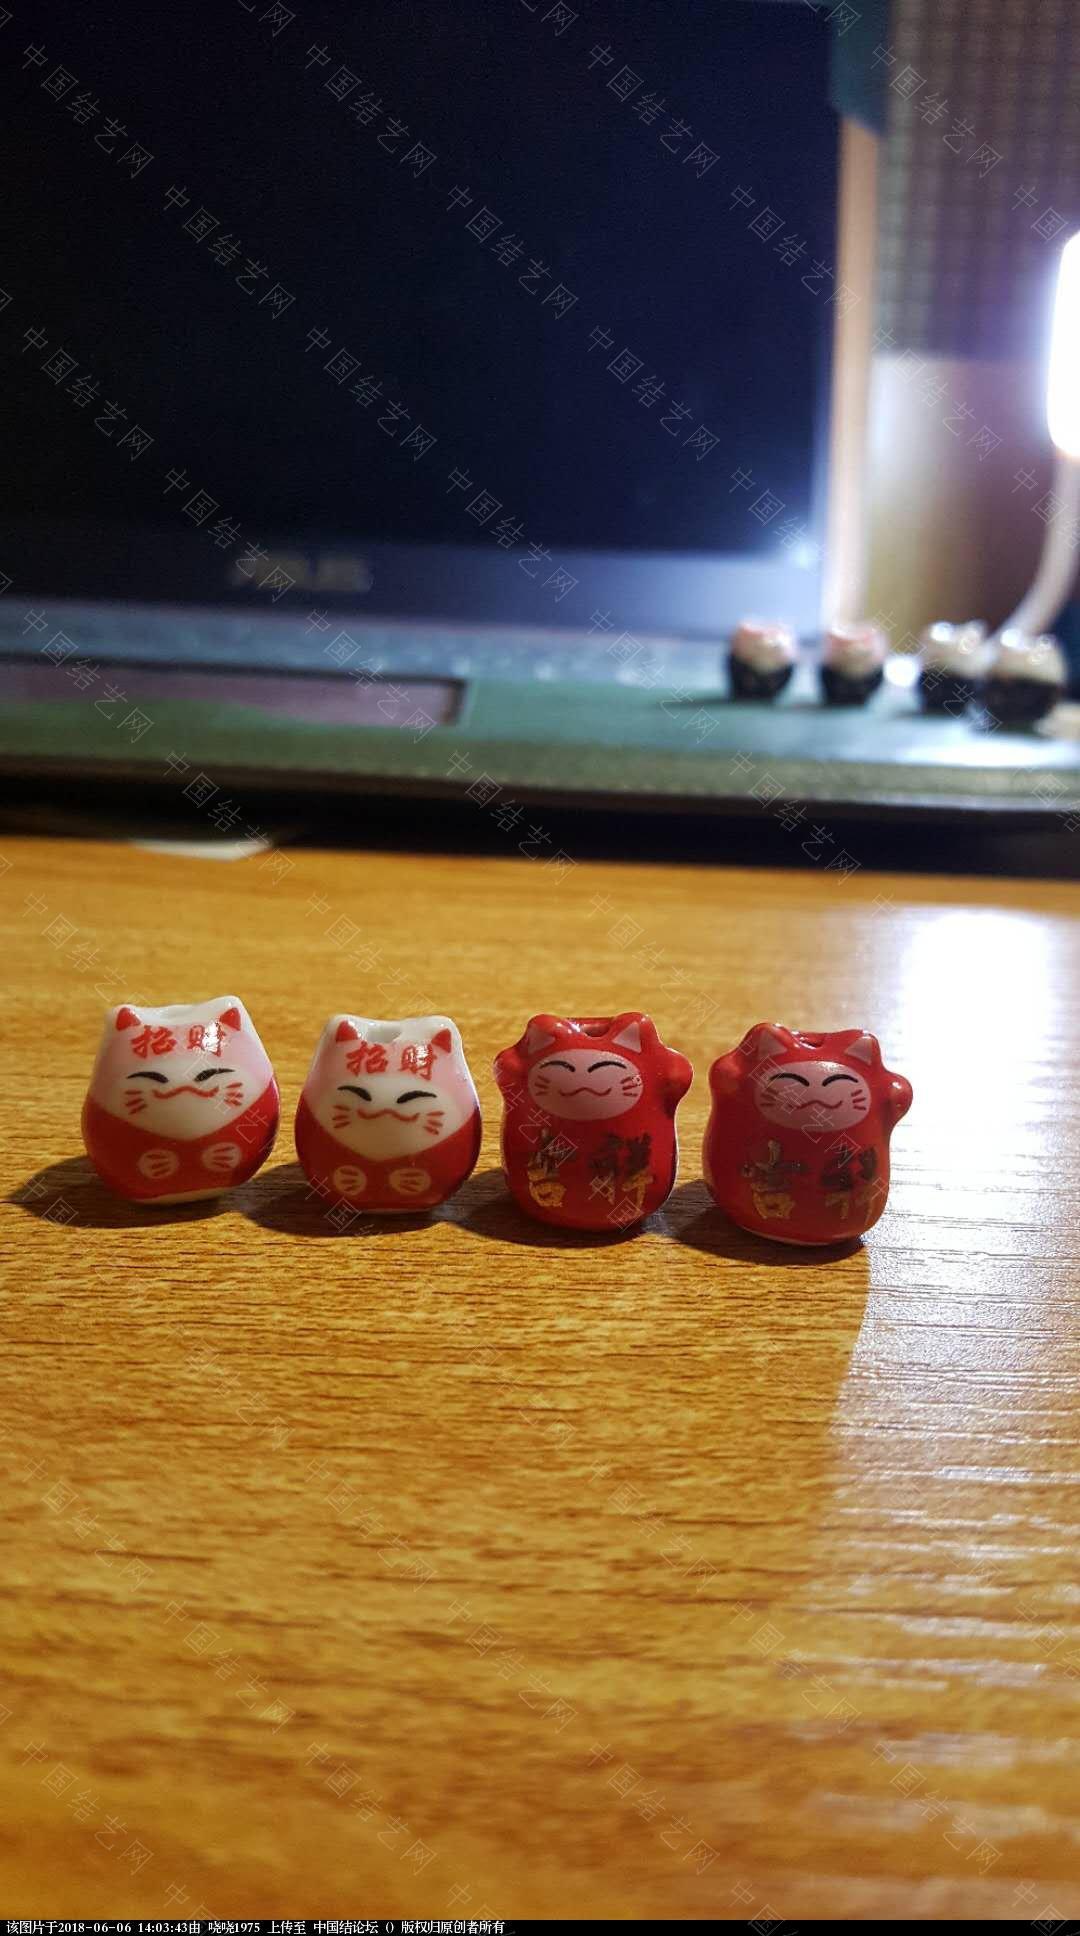 中国结论坛 用不上的招财猫小配件转让 不上,上的,招财猫,配件,转让 作品展示 140050qsls6n5iiseqmsm6